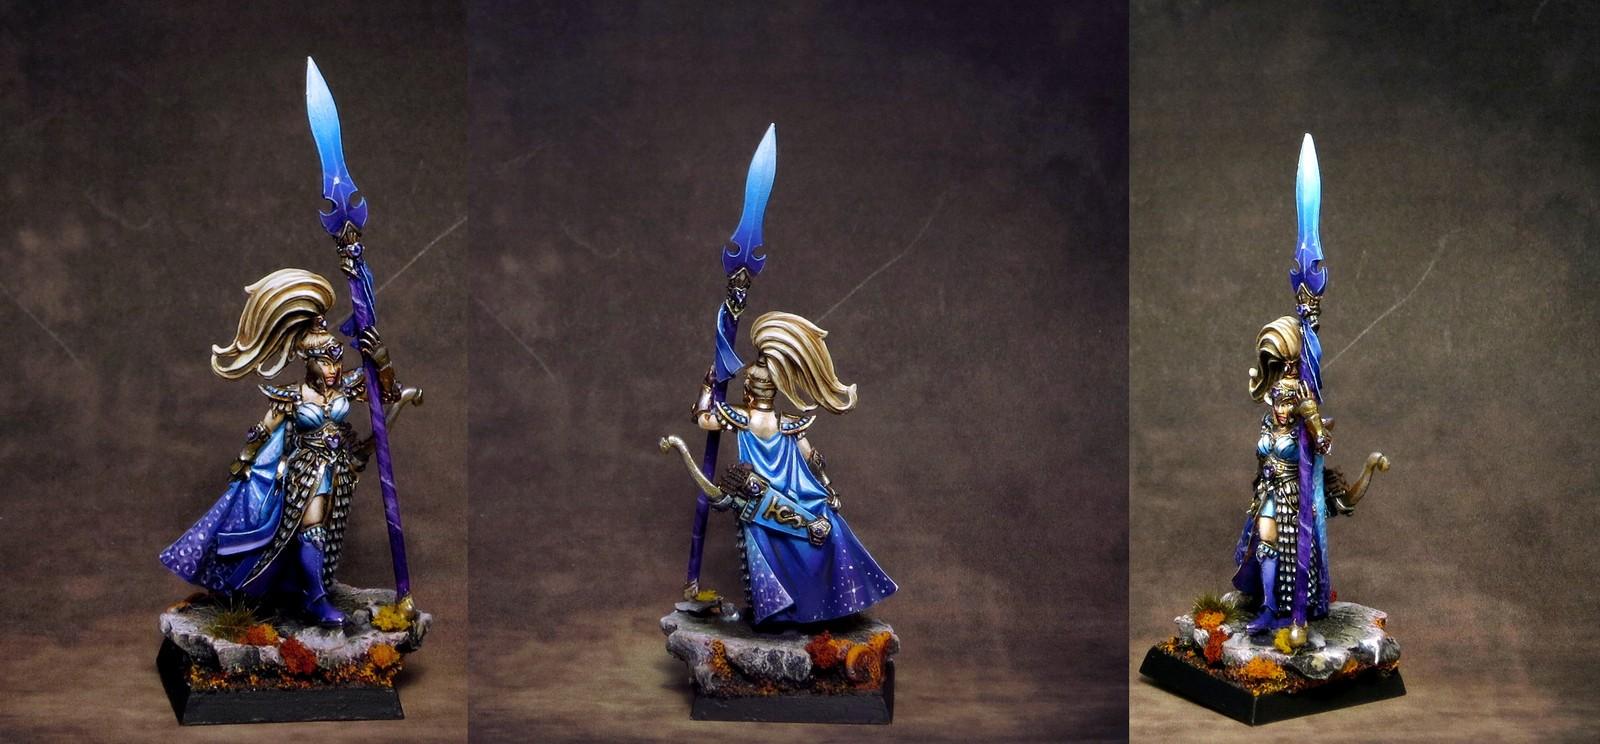 High Elf Handmaiden of the Everqueen 1 by Violet